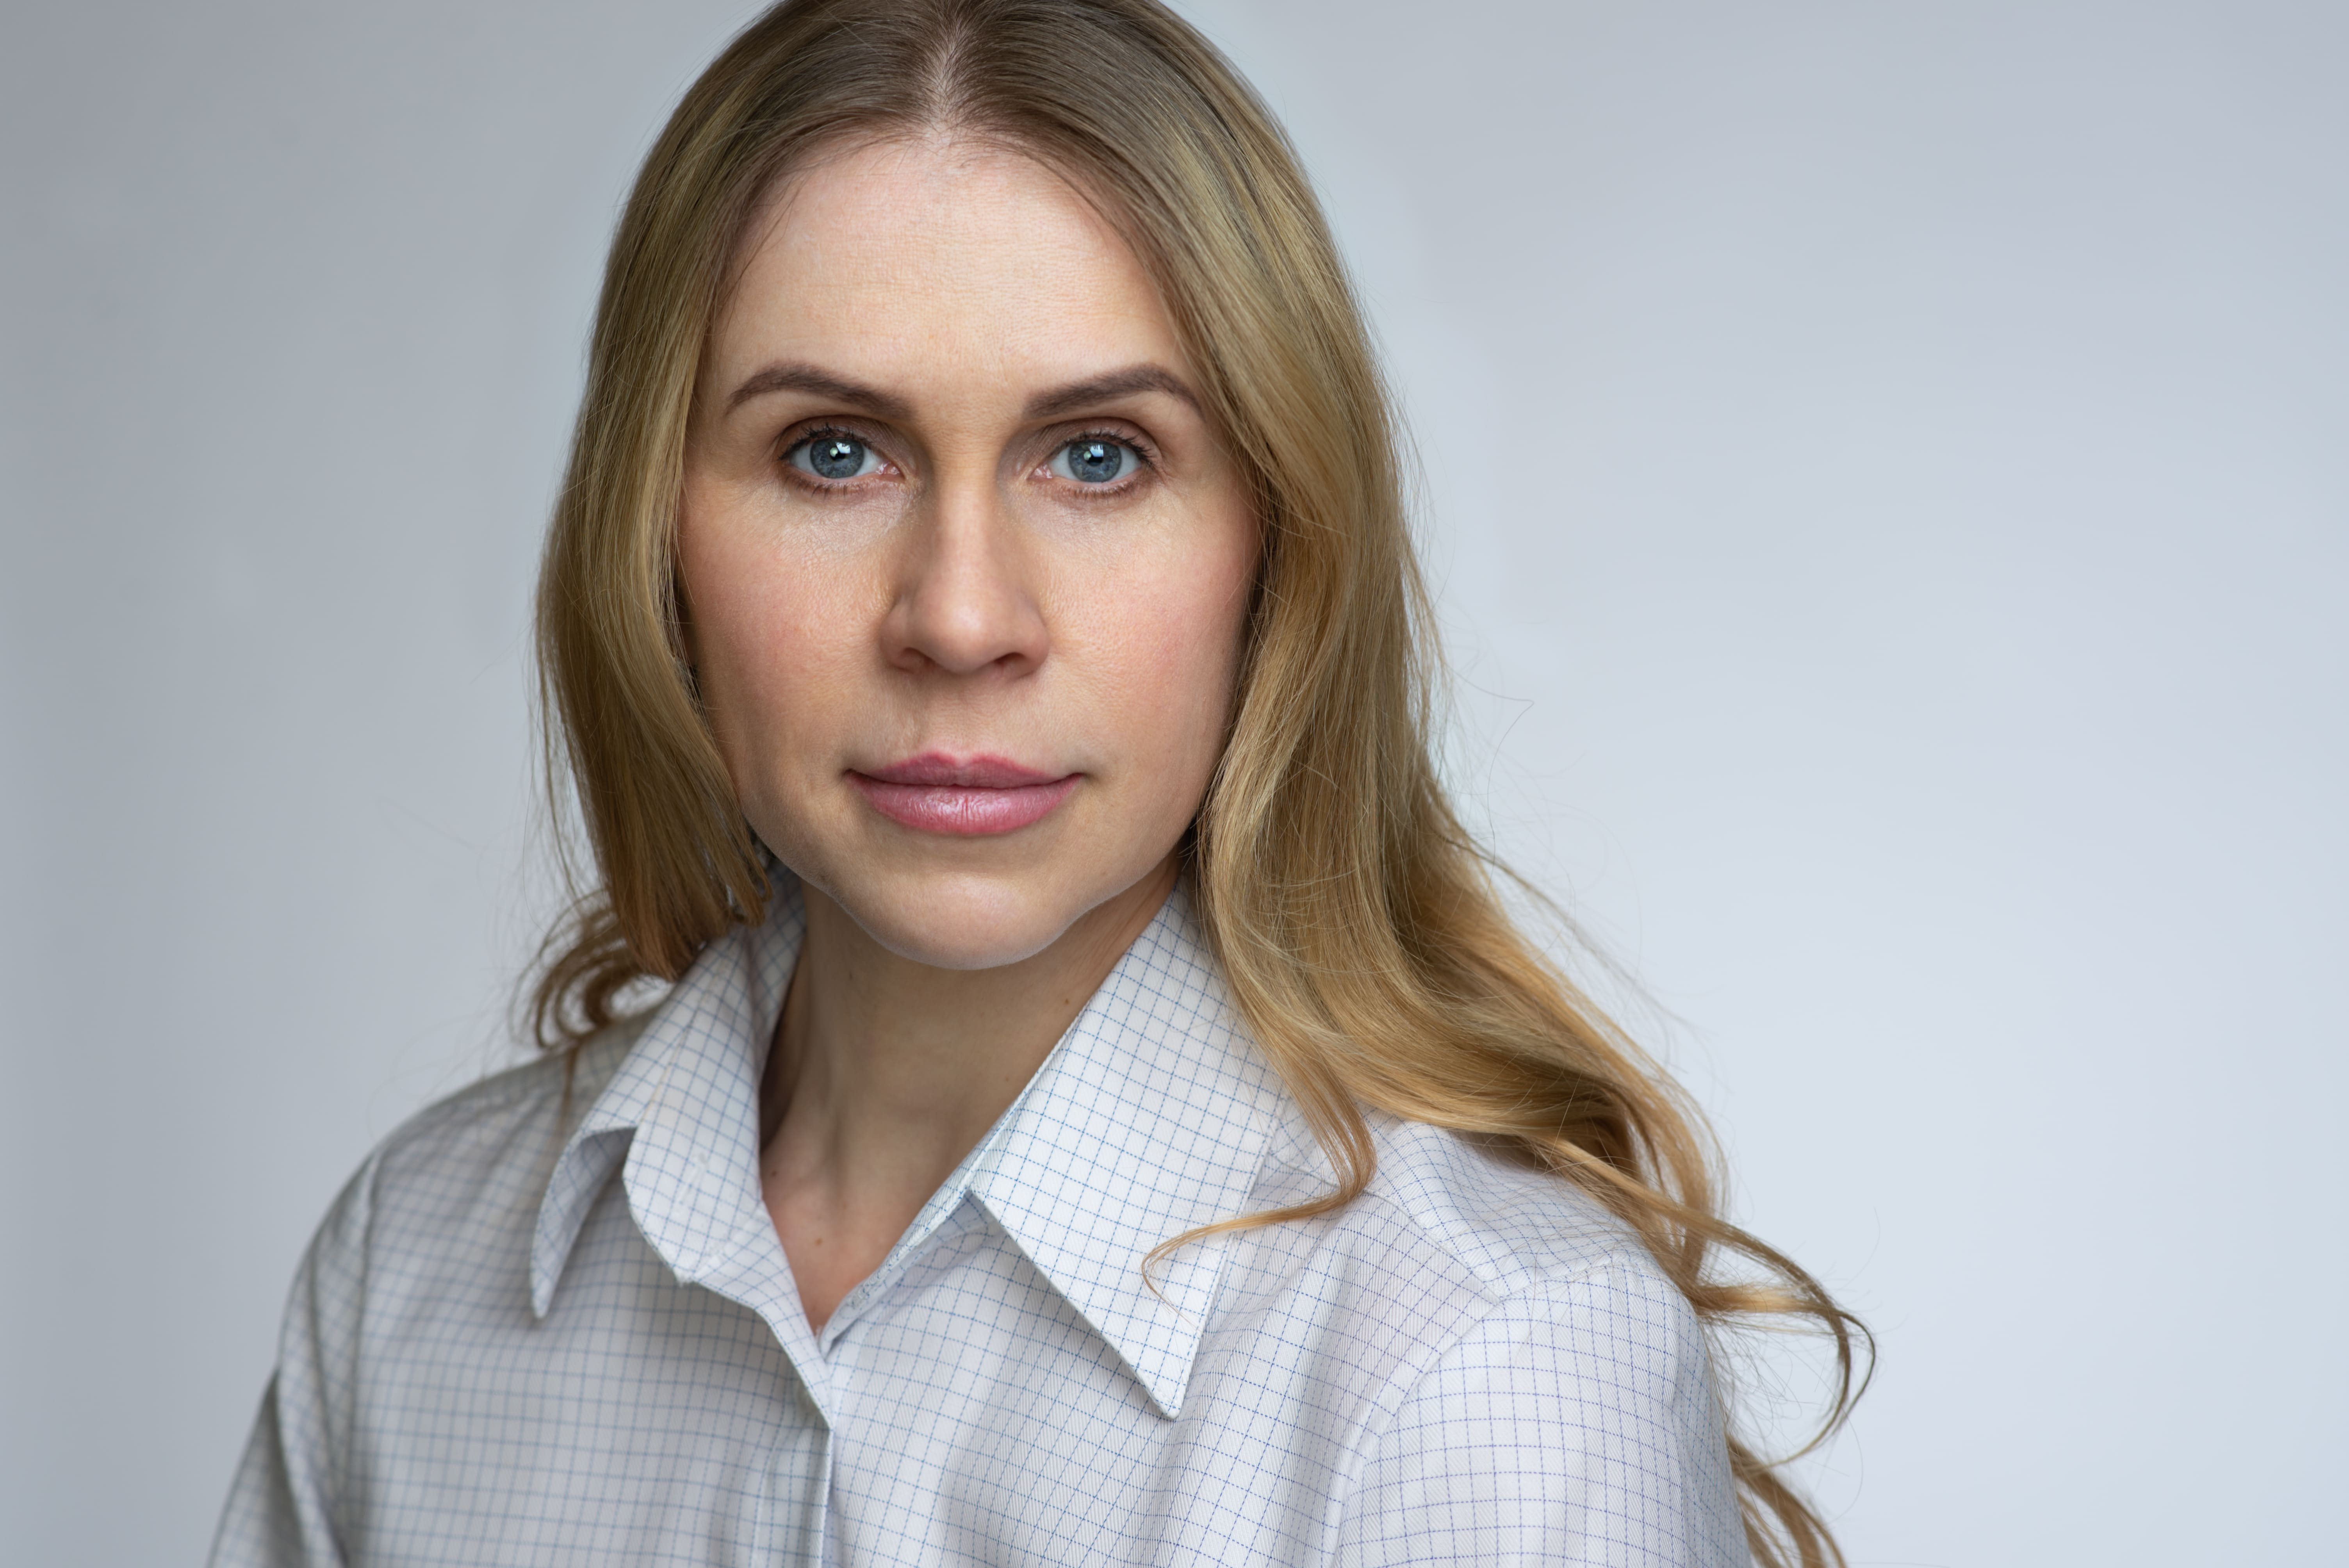 К команде российского офиса Axis Communications присоединились координатор по маркетингу и менеджер по развитию бизнеса